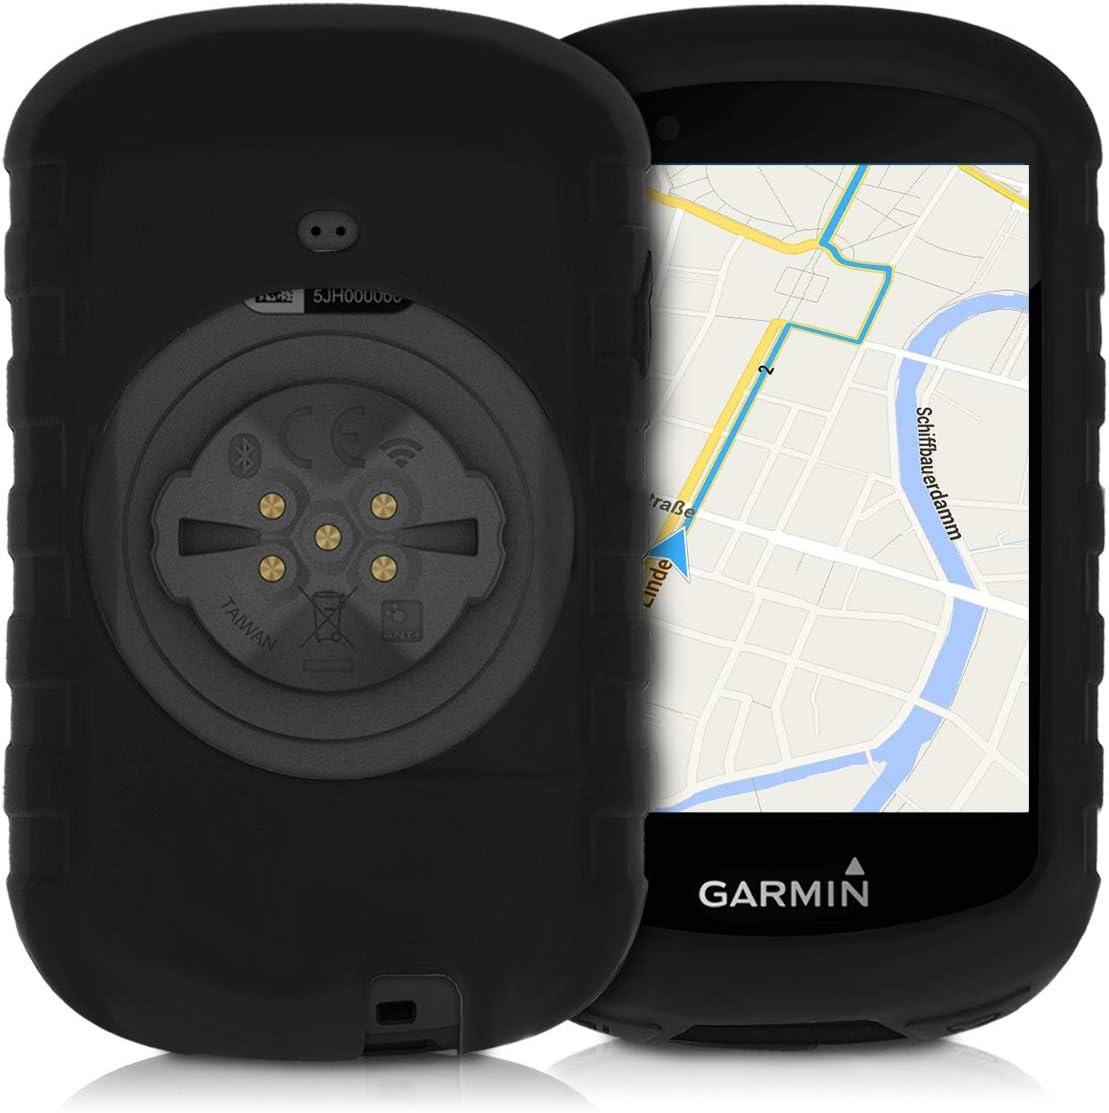 Schutzhülle aus Silikon für den Garmin Edge 530 GPS-Fahrradcomputer